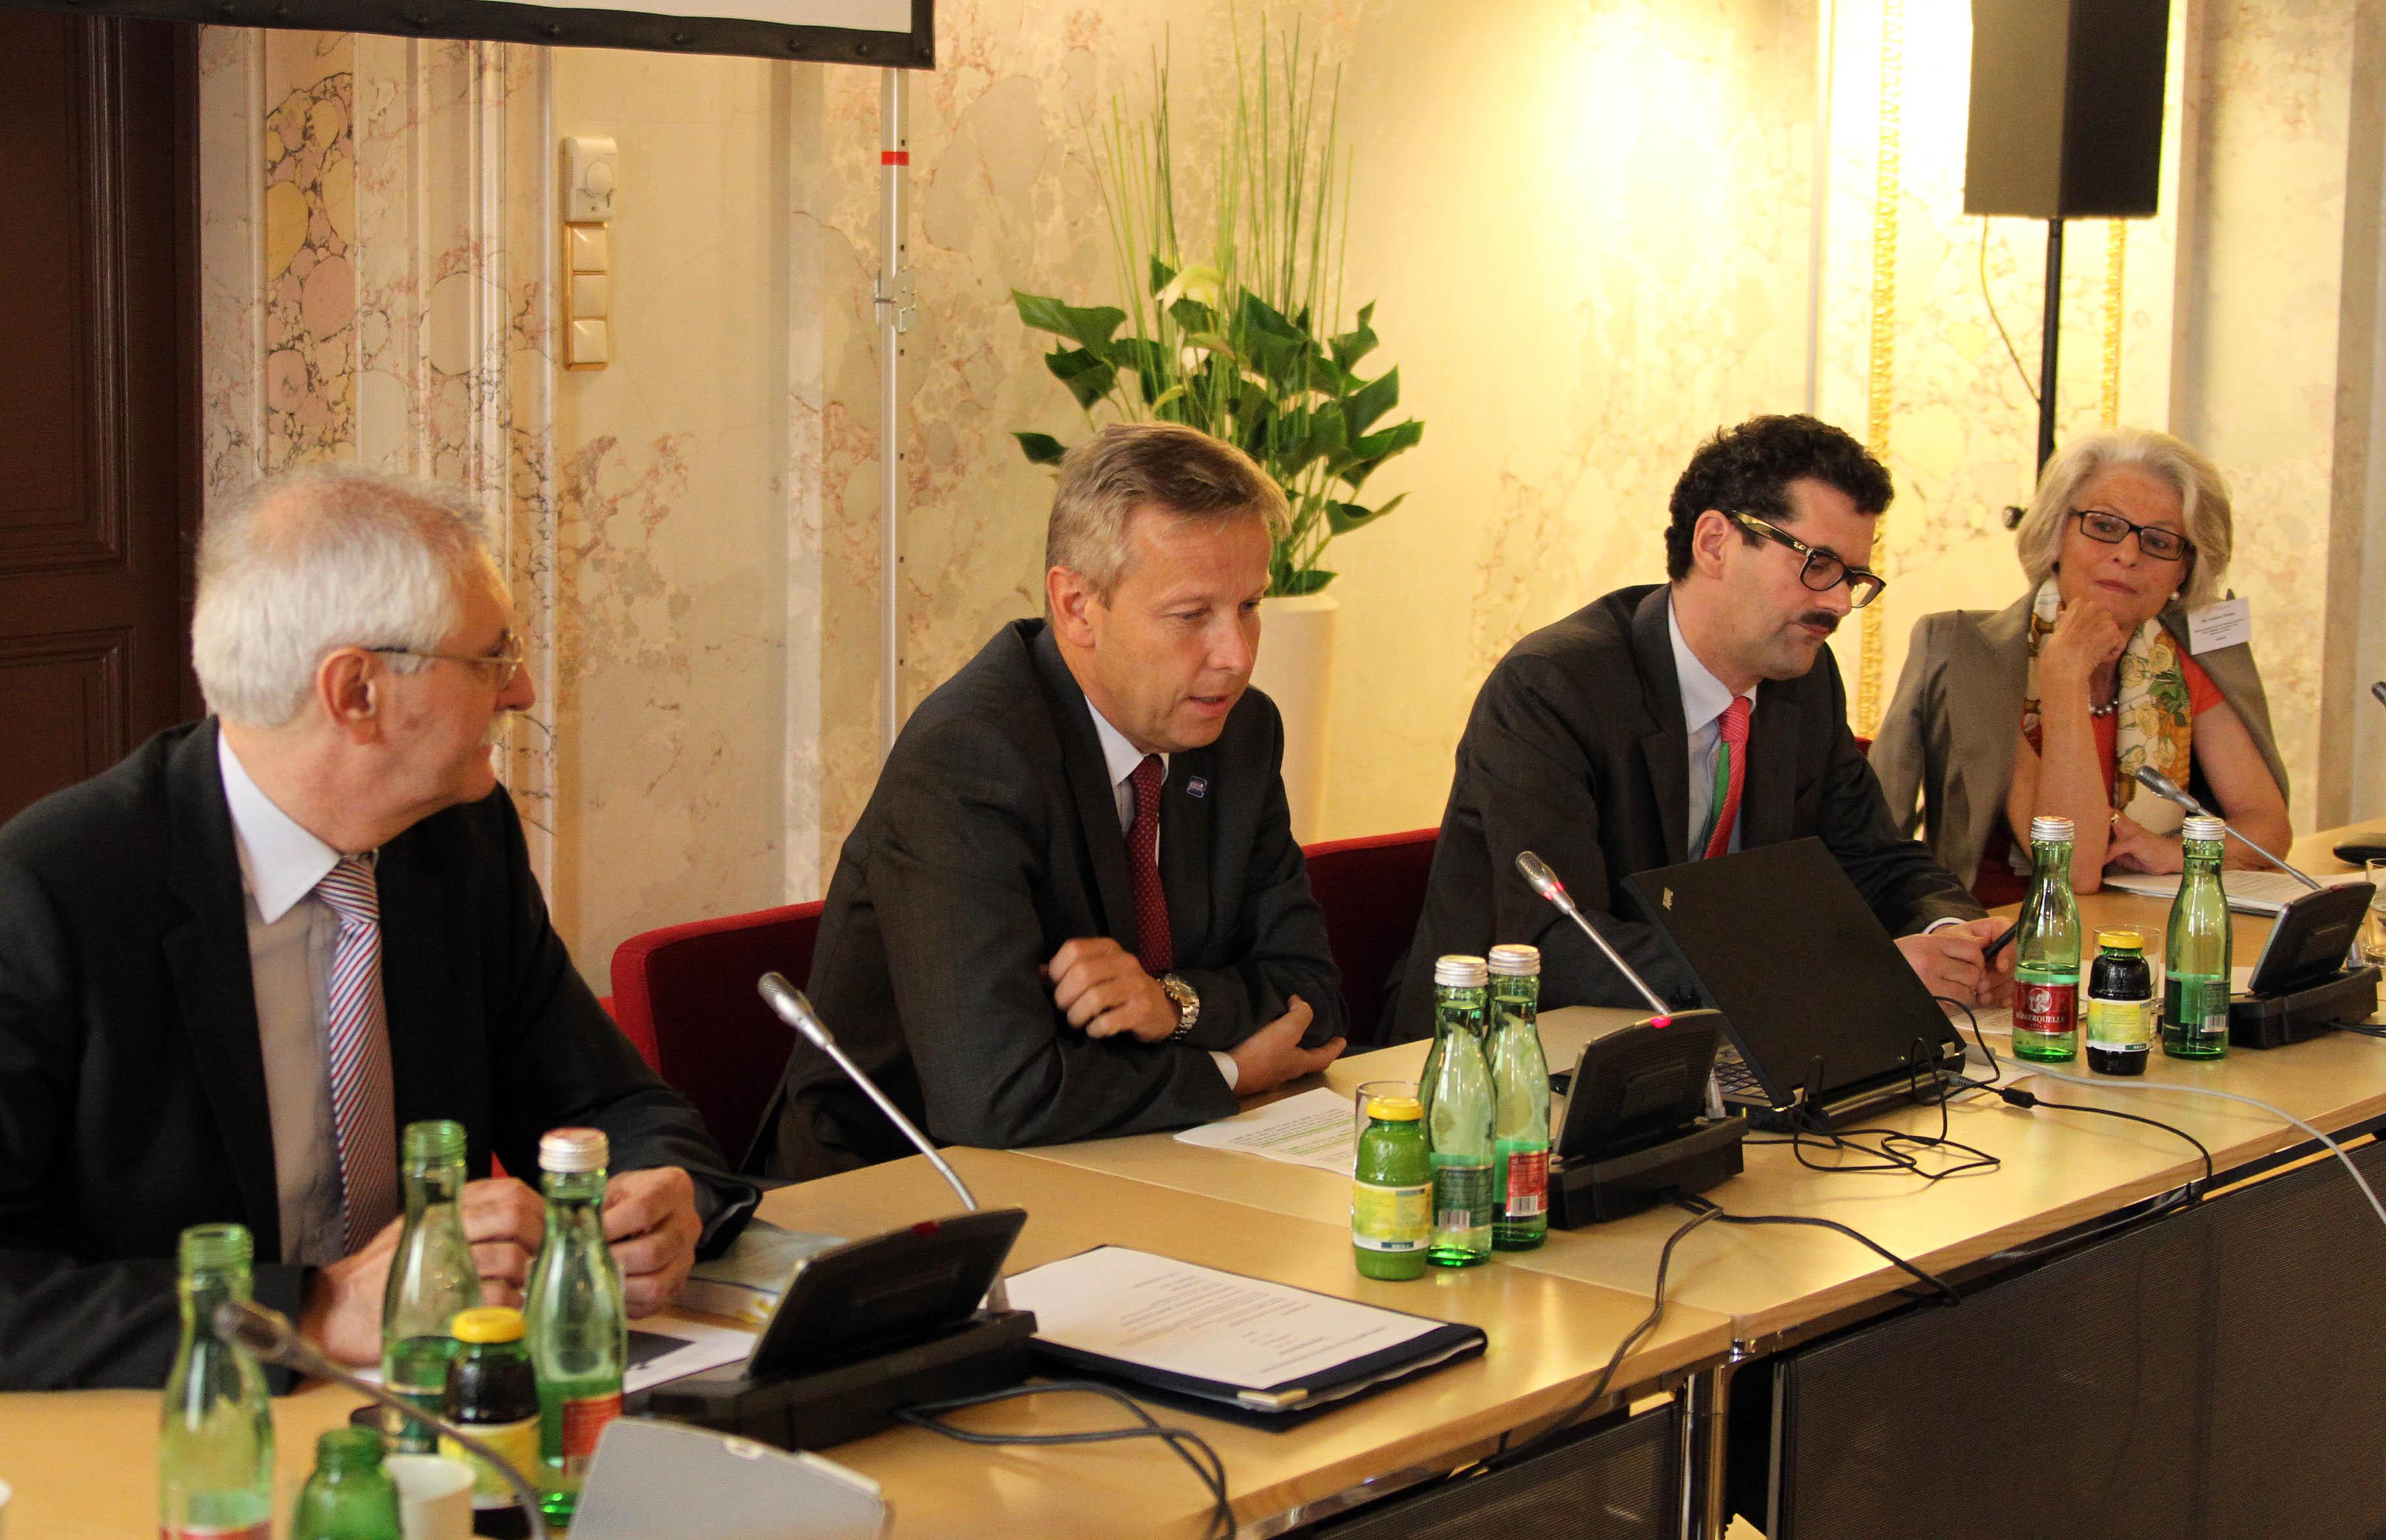 (c) STS Lopatka bei der Eröffnung des Twinning Seminars im BMEIA